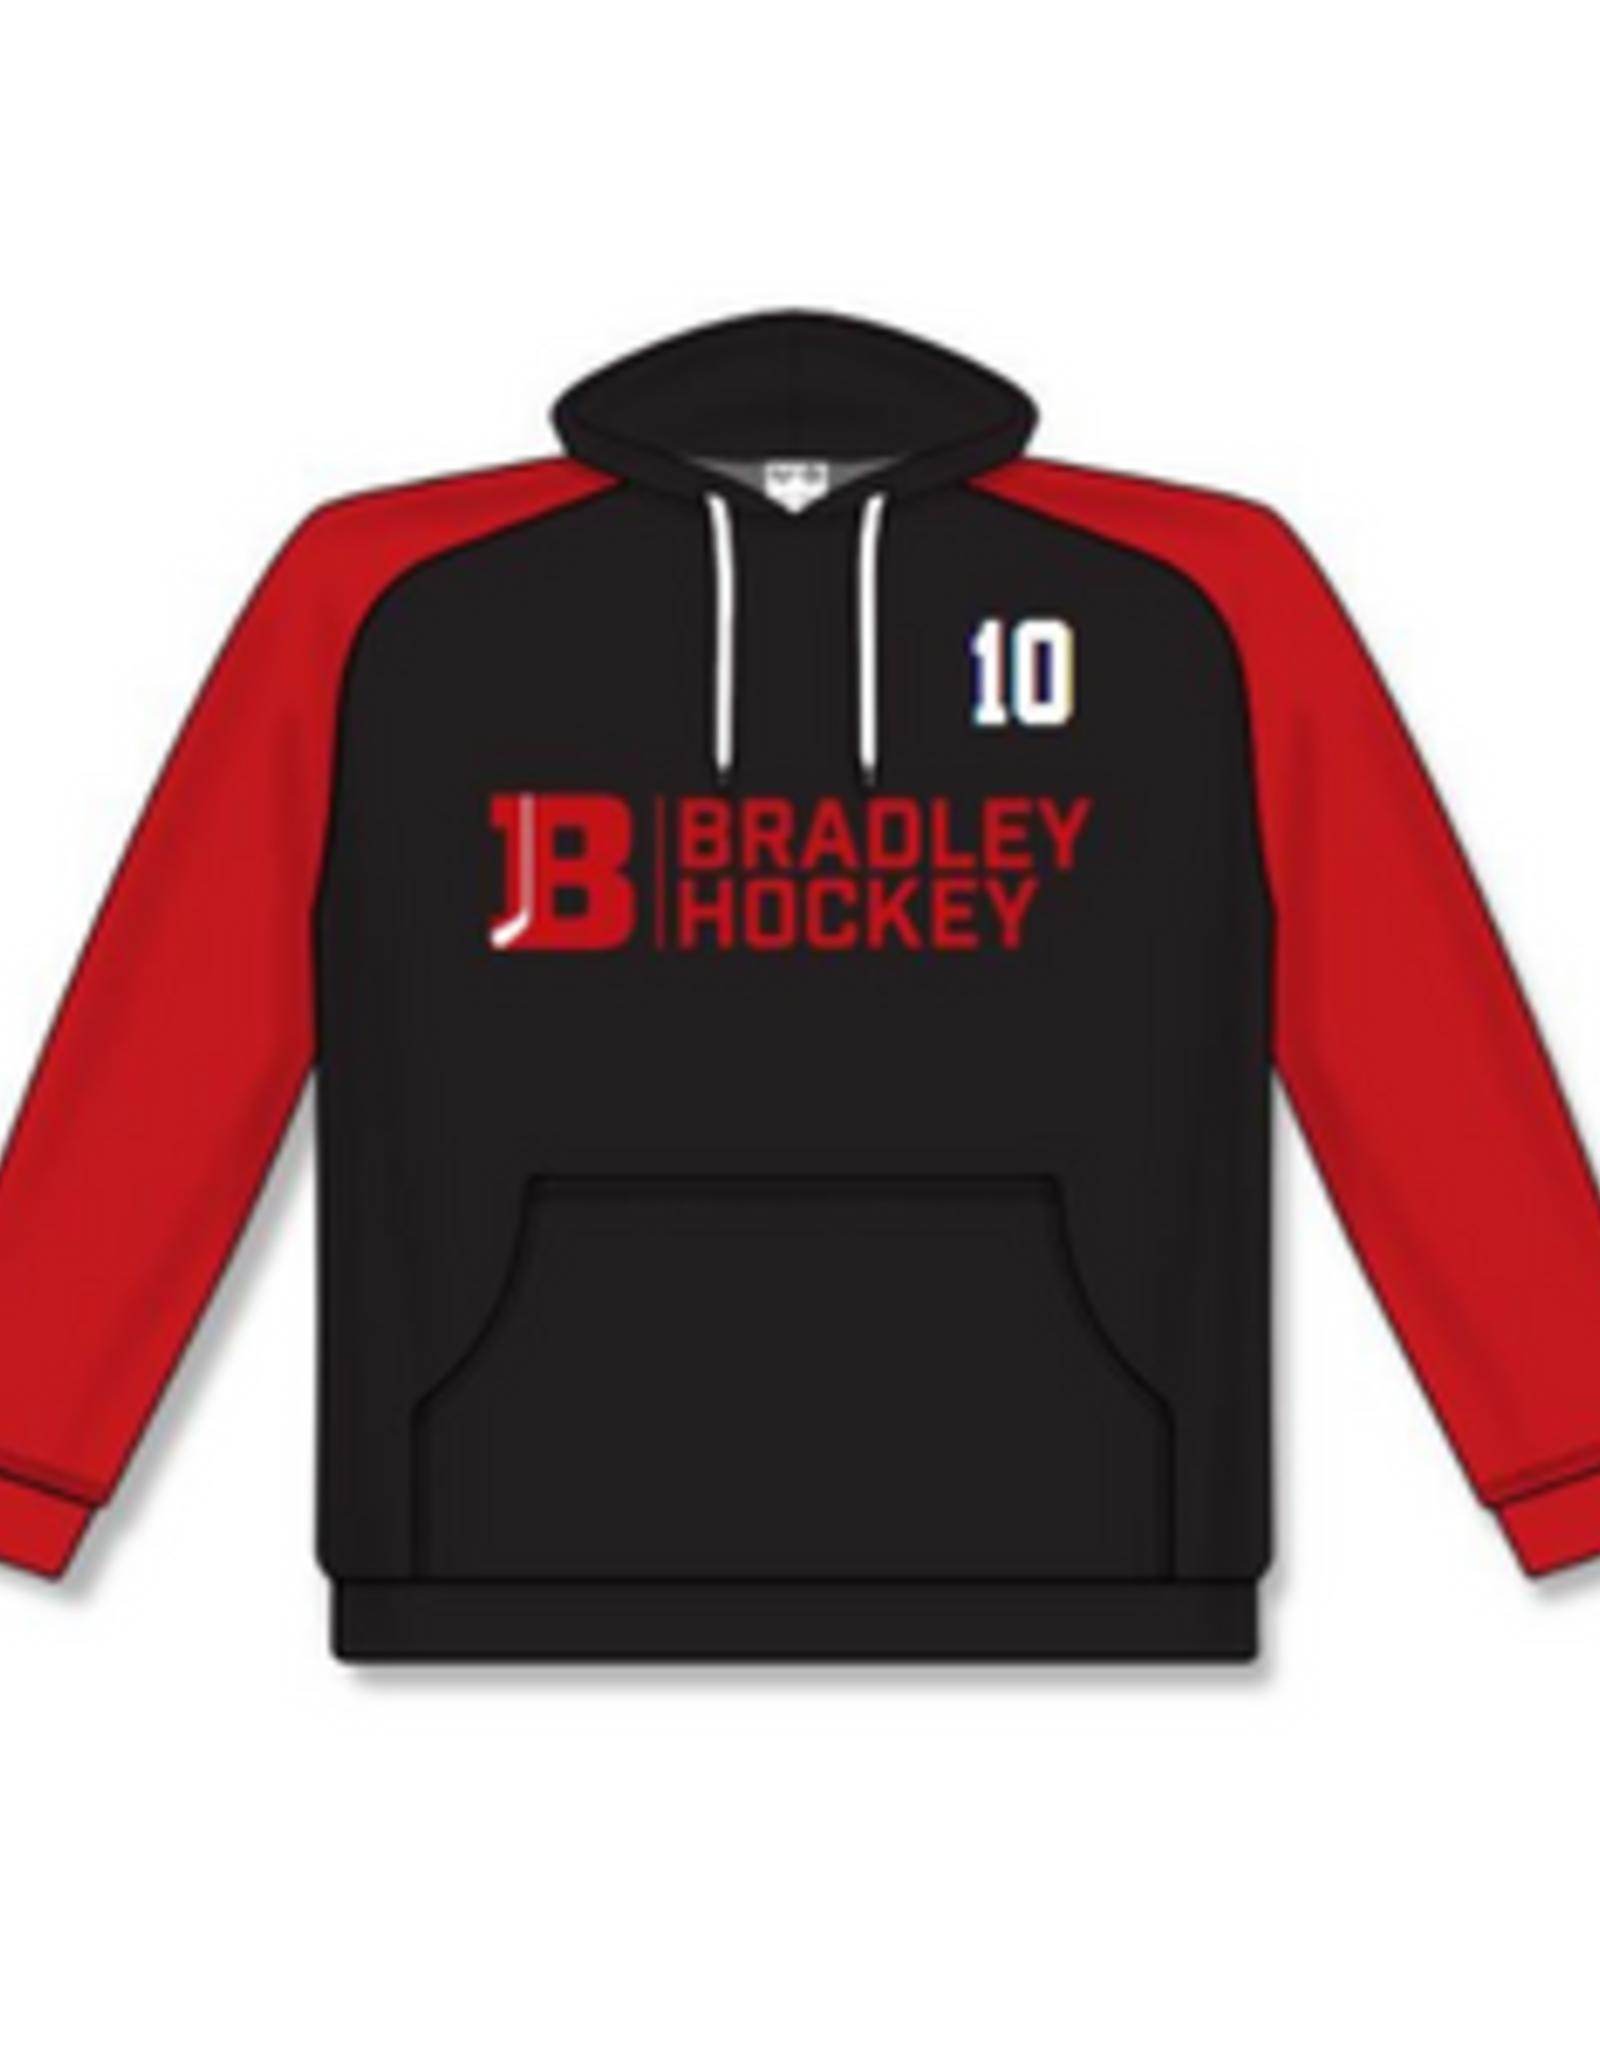 AK Bradley AK Black/Red Lace Up Hoodie (SENIOR)